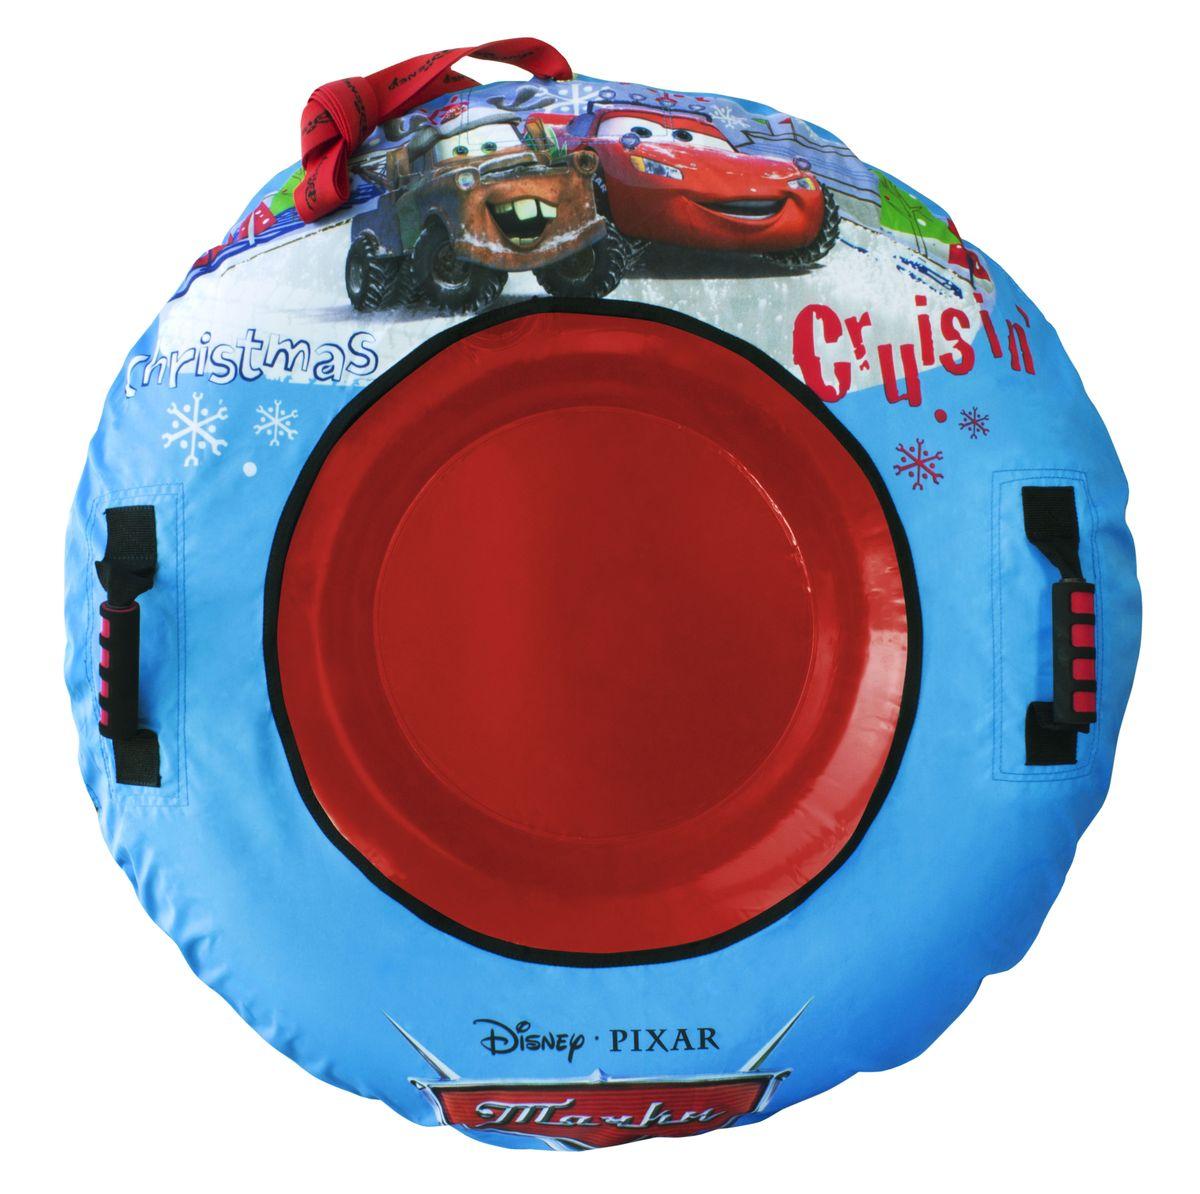 Тачки Тюбинг Disney Тачки, диаметр 92 смТ57210Тюбинг Disney Тачки - это красочные надувные санки для веселых развлечений всей семьи, диаметр 92 см. Внешний чехол из нейлона 420 ден. Усиленные крепления ручек. Морозоустойчивый материал до -30С. Предназначен для использования на снежных и ледяных поверхностях. В комплекте: камера, чехол.